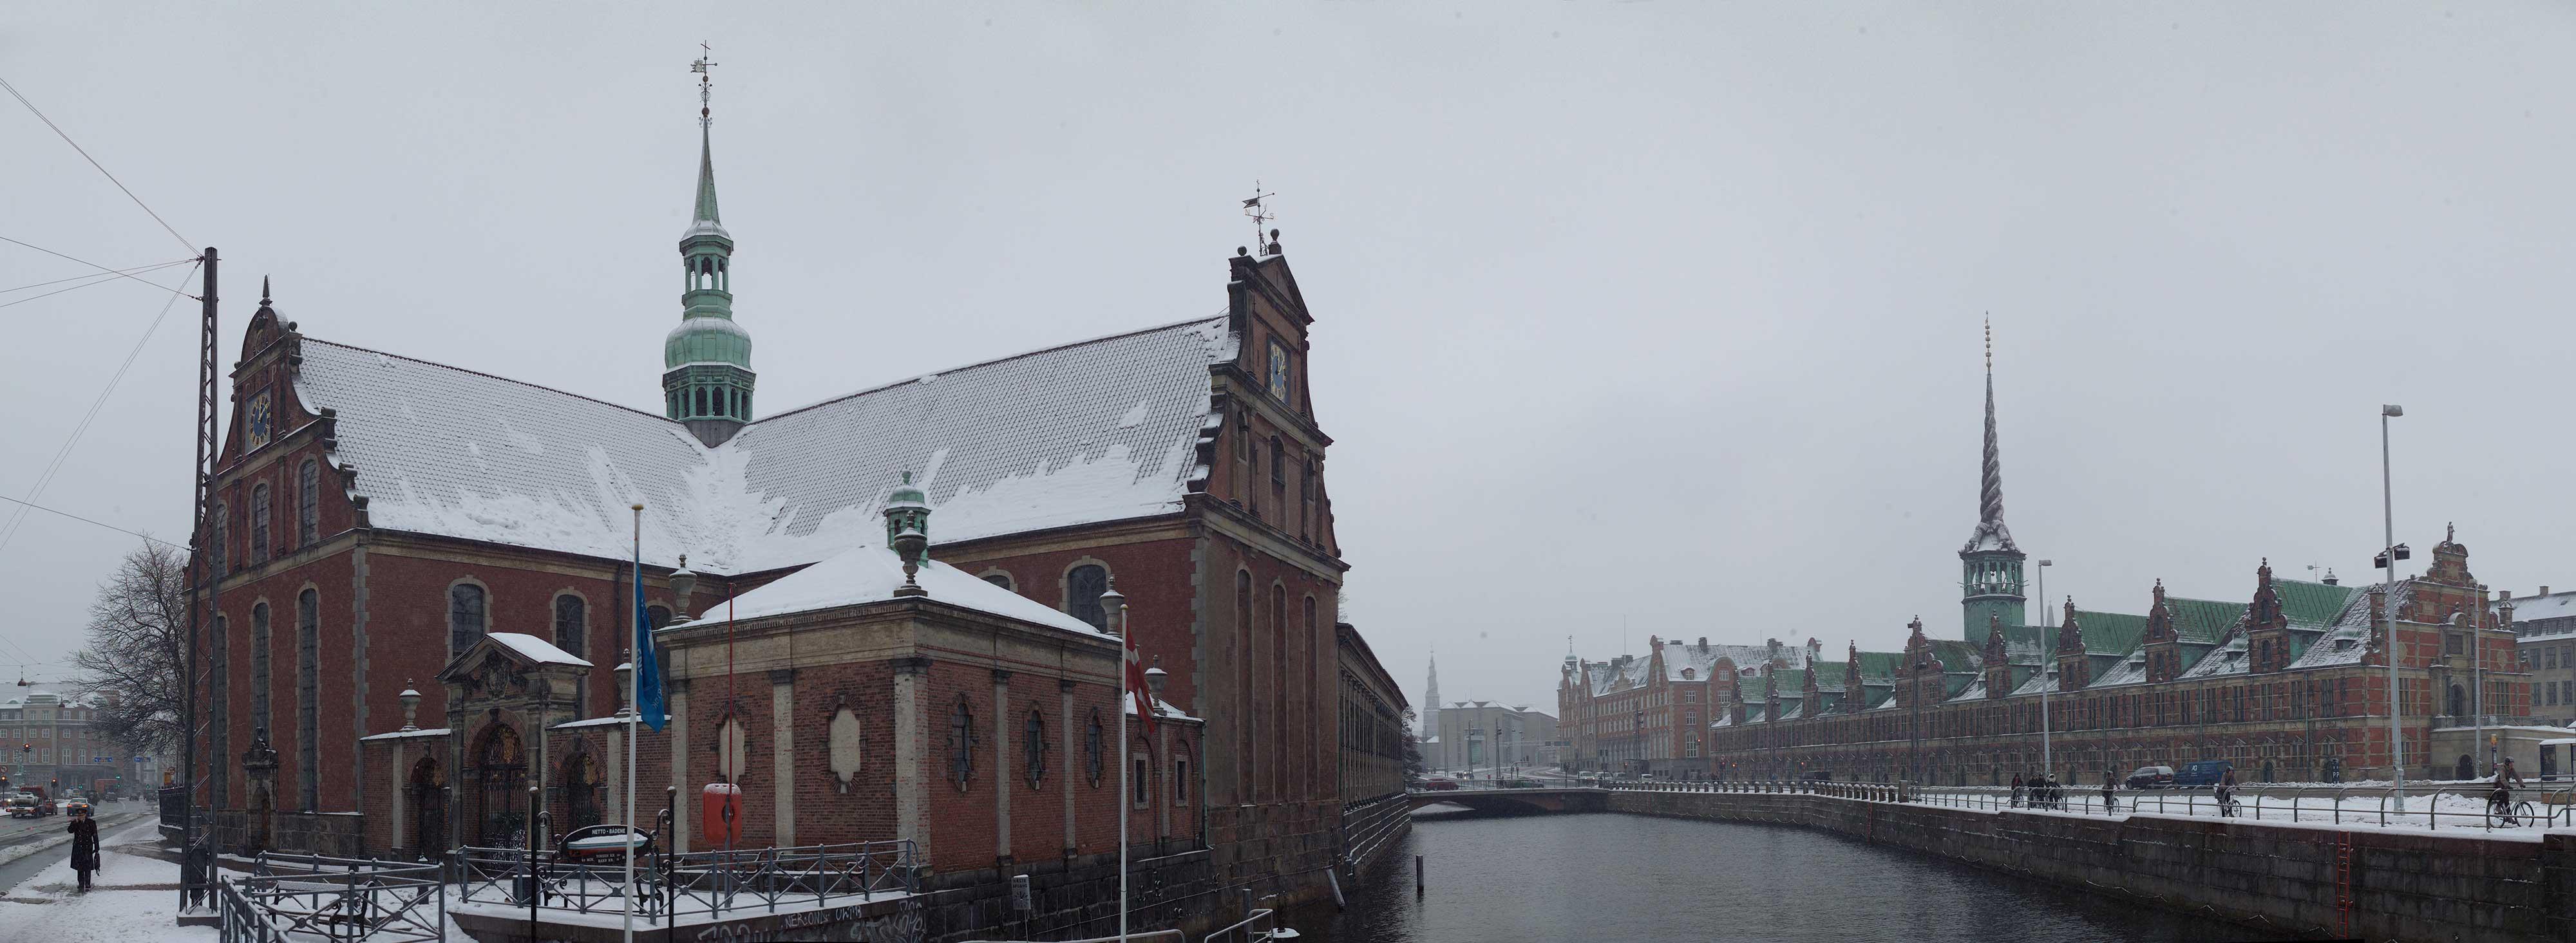 Holmens kirke og Børsen i snevejr